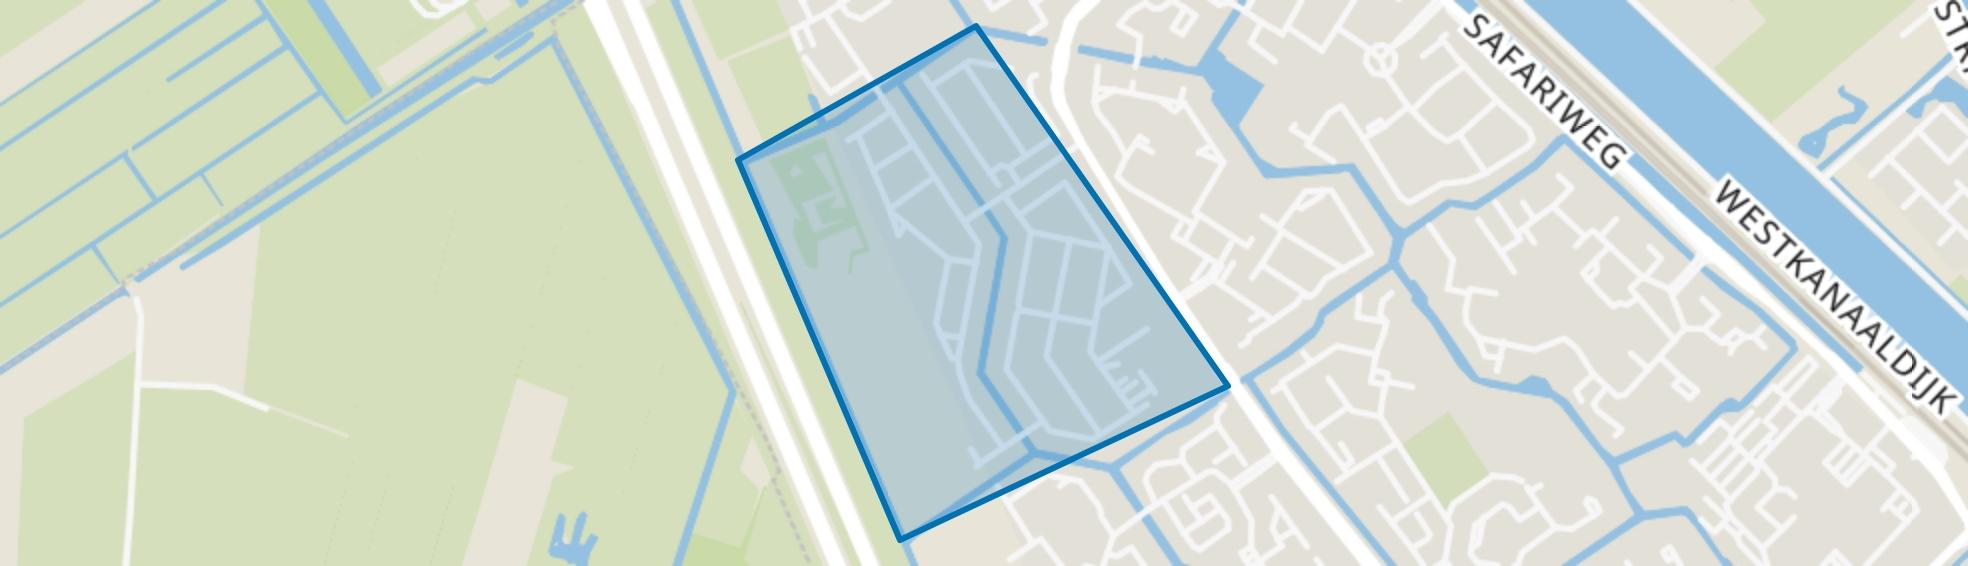 Valkenkamp, Maarssen map